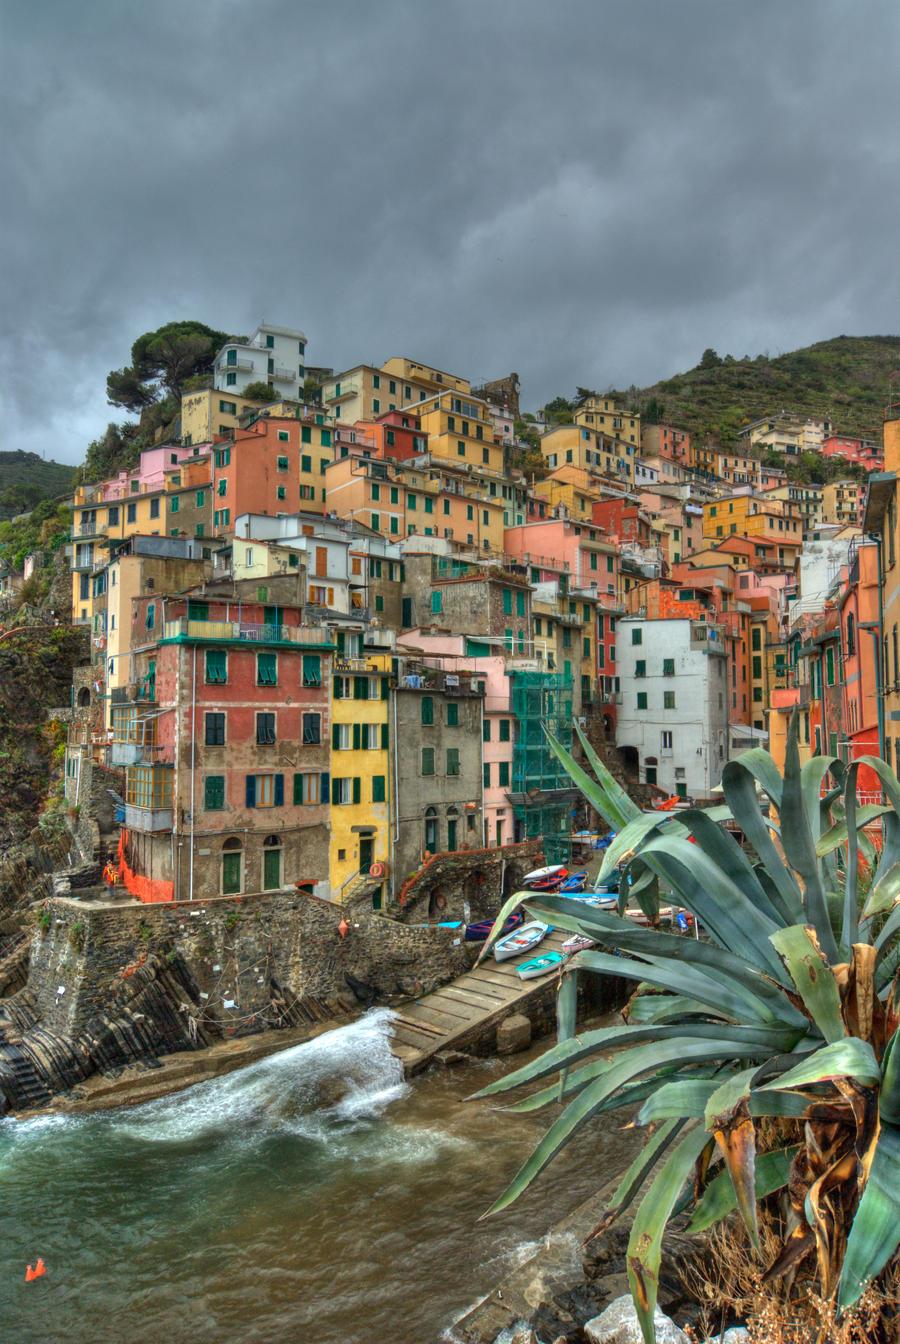 Riomaggiore (Italy) by Bibidef